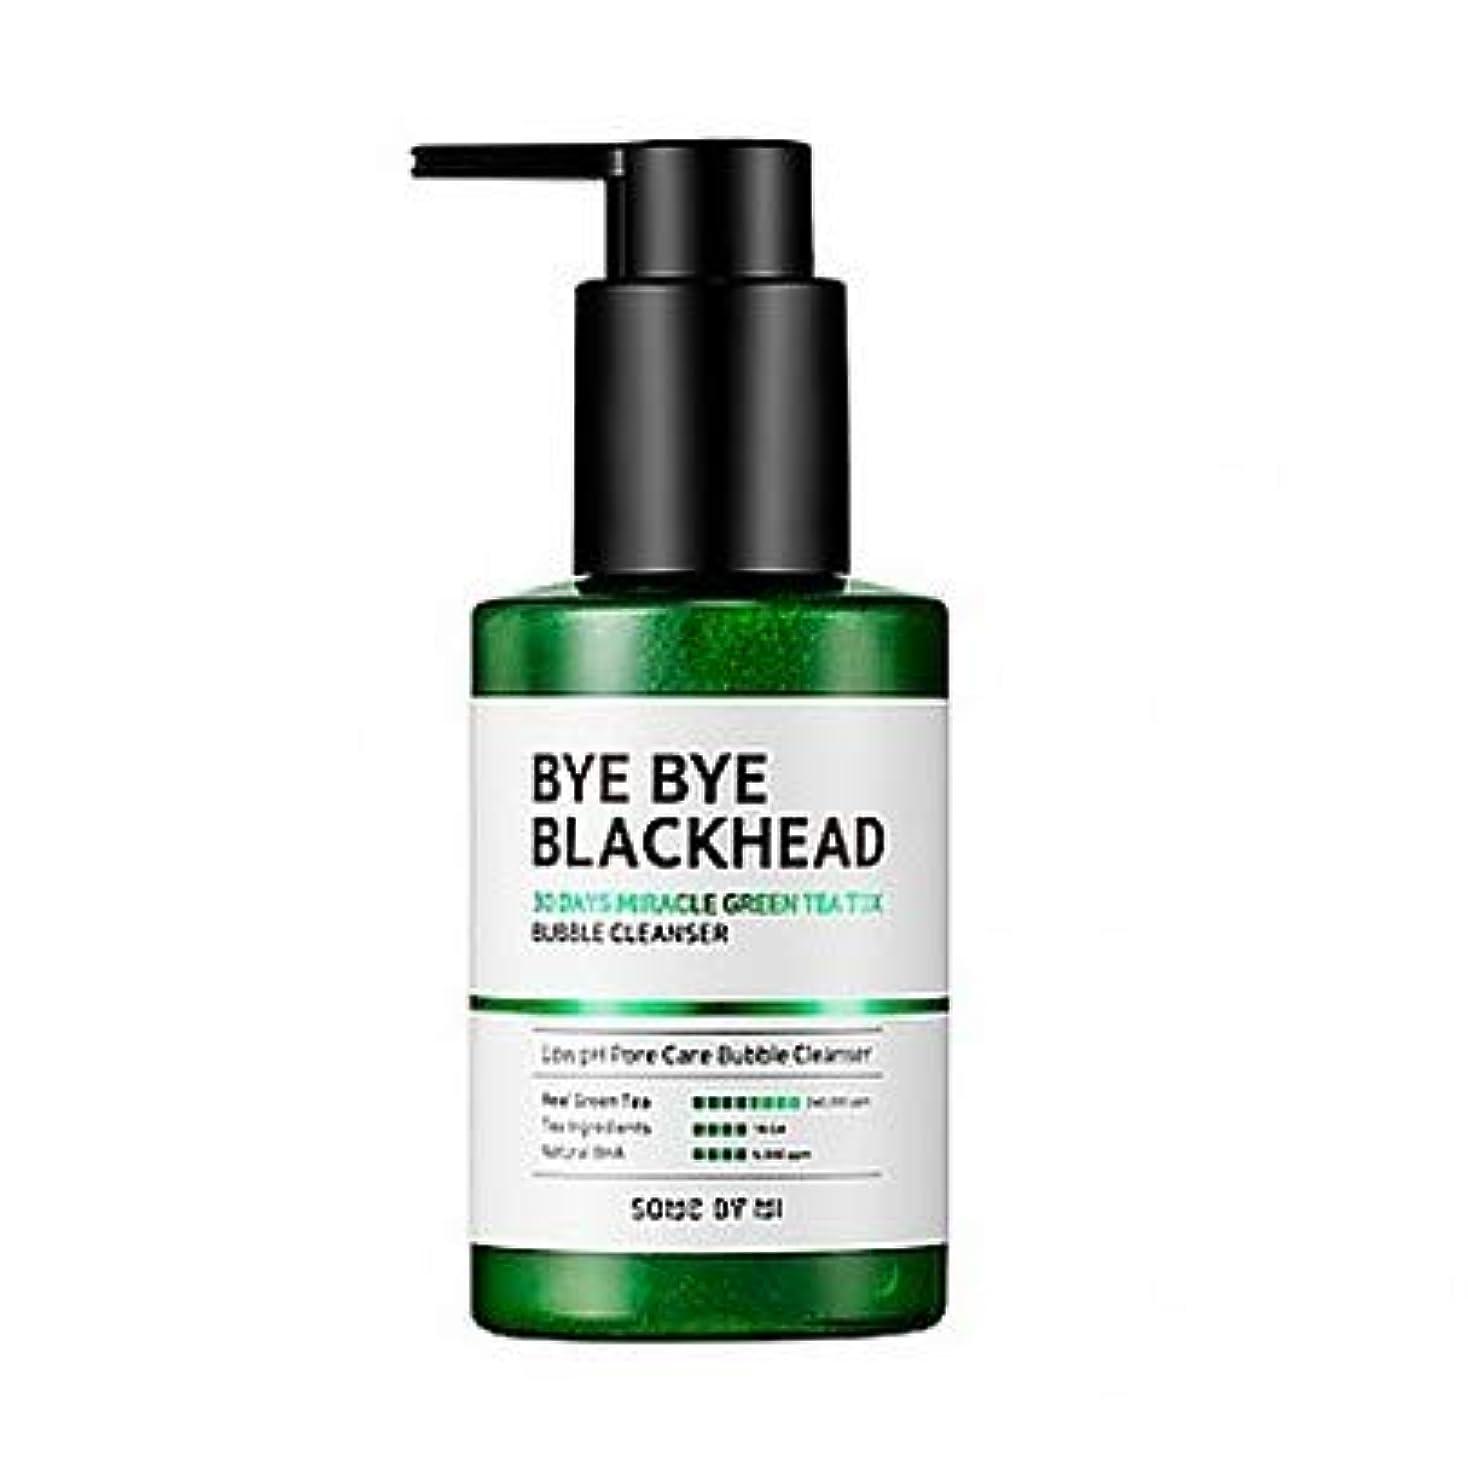 辞任する自分のペフ[SOME BY MI] BYE BYE BLACKHEAD 30DAYS MILACLE GREEN TEA TOX BUBBLE CLEANSER 120g / [サムバイミー] バイバイブラックヘッド30DAYS...